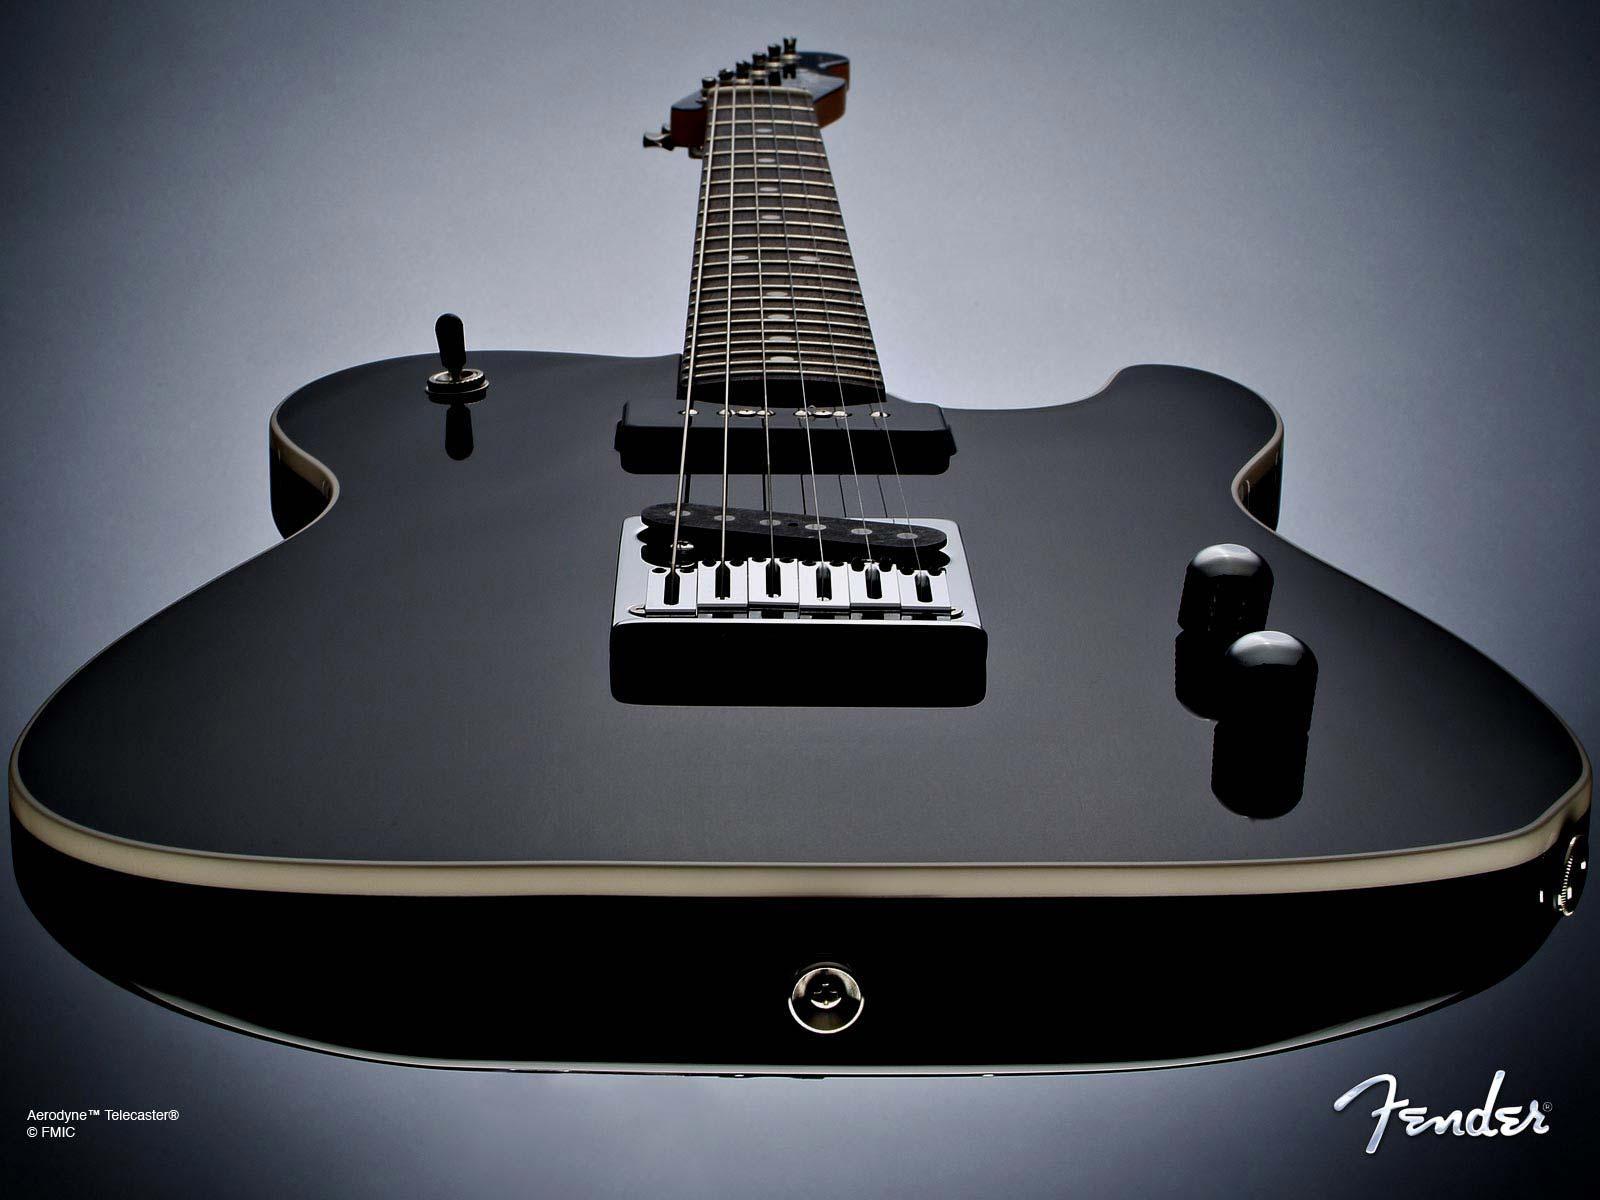 Download 1600x1200 Black Fender Telecaster Desktop 1600x1200